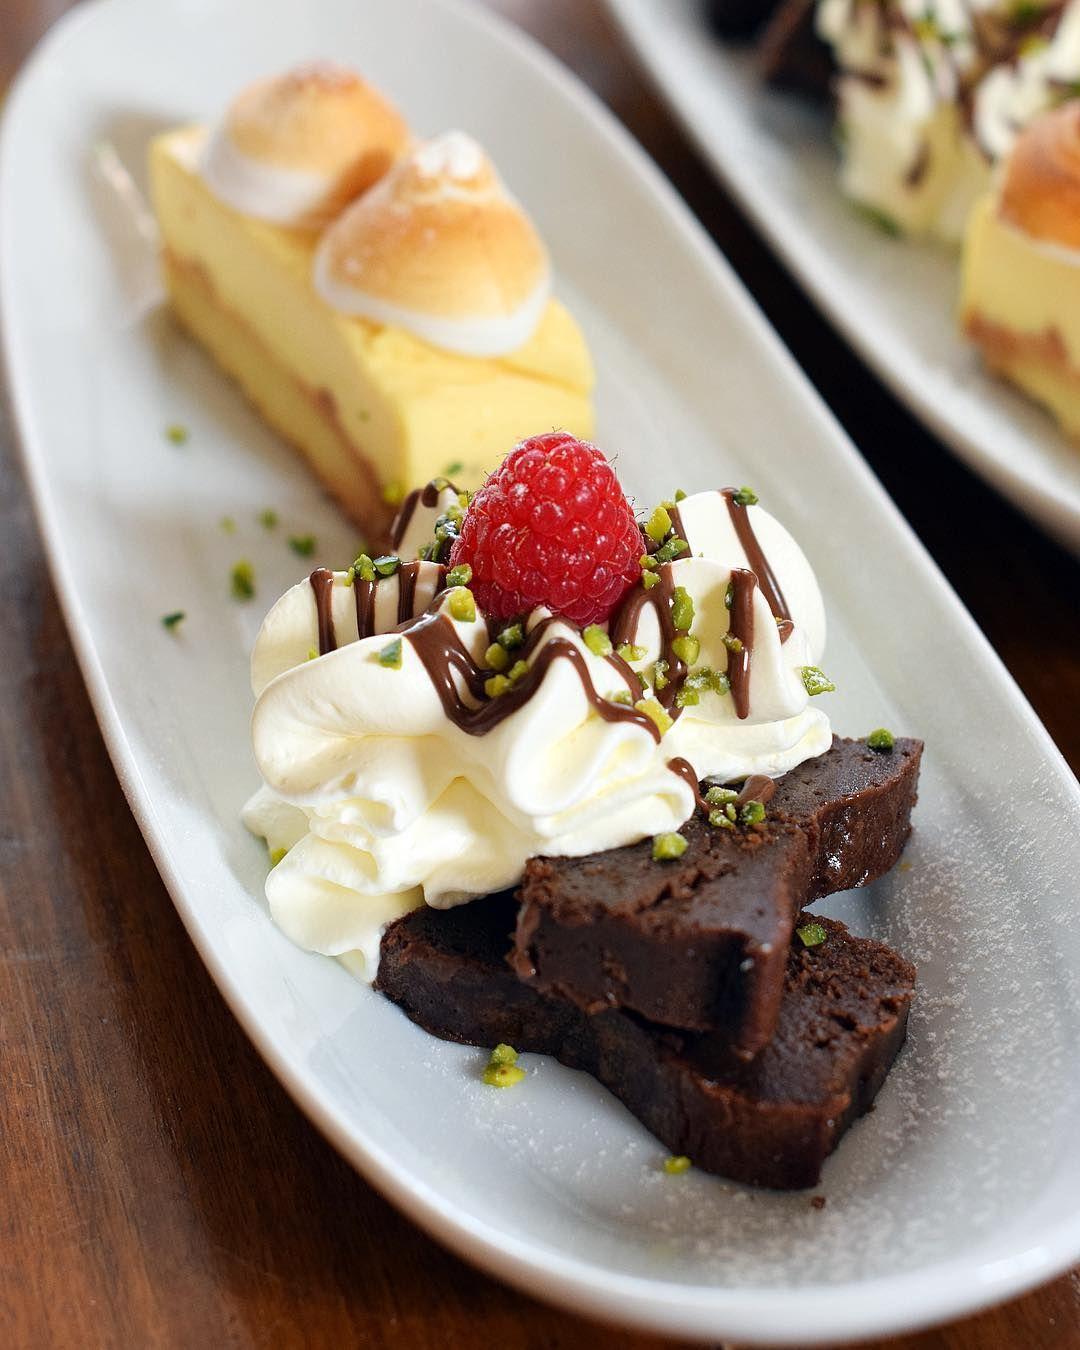 Mon dessert de GROsSe ... Au restaurant @leditvin ils ont bien compris que j'étais gourmande... ils prennent soin de moi à chaque visite  Moelleux choco et tarte au citron  mes 2 desserts préférés  MERCI . . . LE DIT VIN  restaurant . Aigues Mortes (30)  #PintadeCamargue  _______________ #aiguesmortes #travel #blogtravel #travelblog #travelblogger #trip #citytrip #food #blogfood #foodlover #foodblogger #restaurant  #occitanie #pintademontpellier #montpellier #feteaiguesmortes…